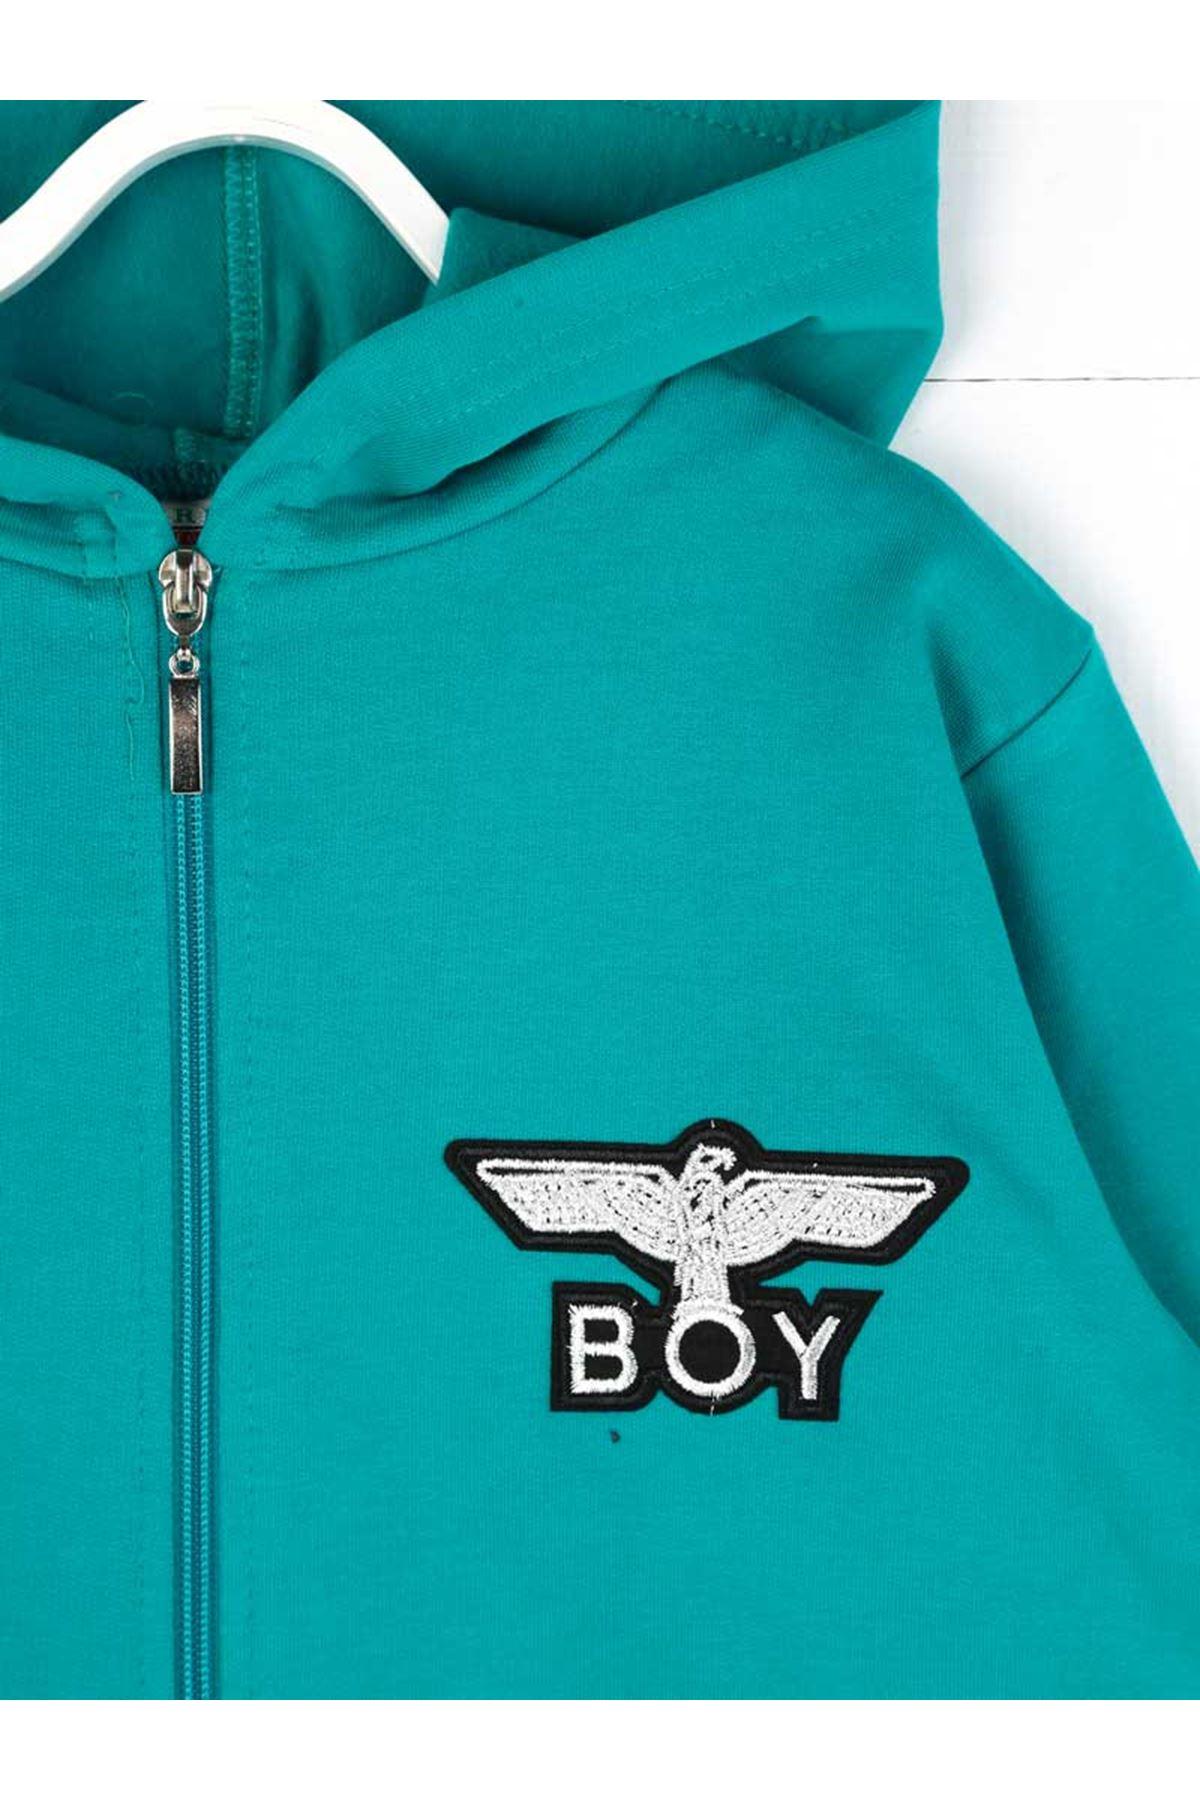 Petrol Yeşili Mevsimlik Kapüşonlu Erkek Çocuk Sweatshirt